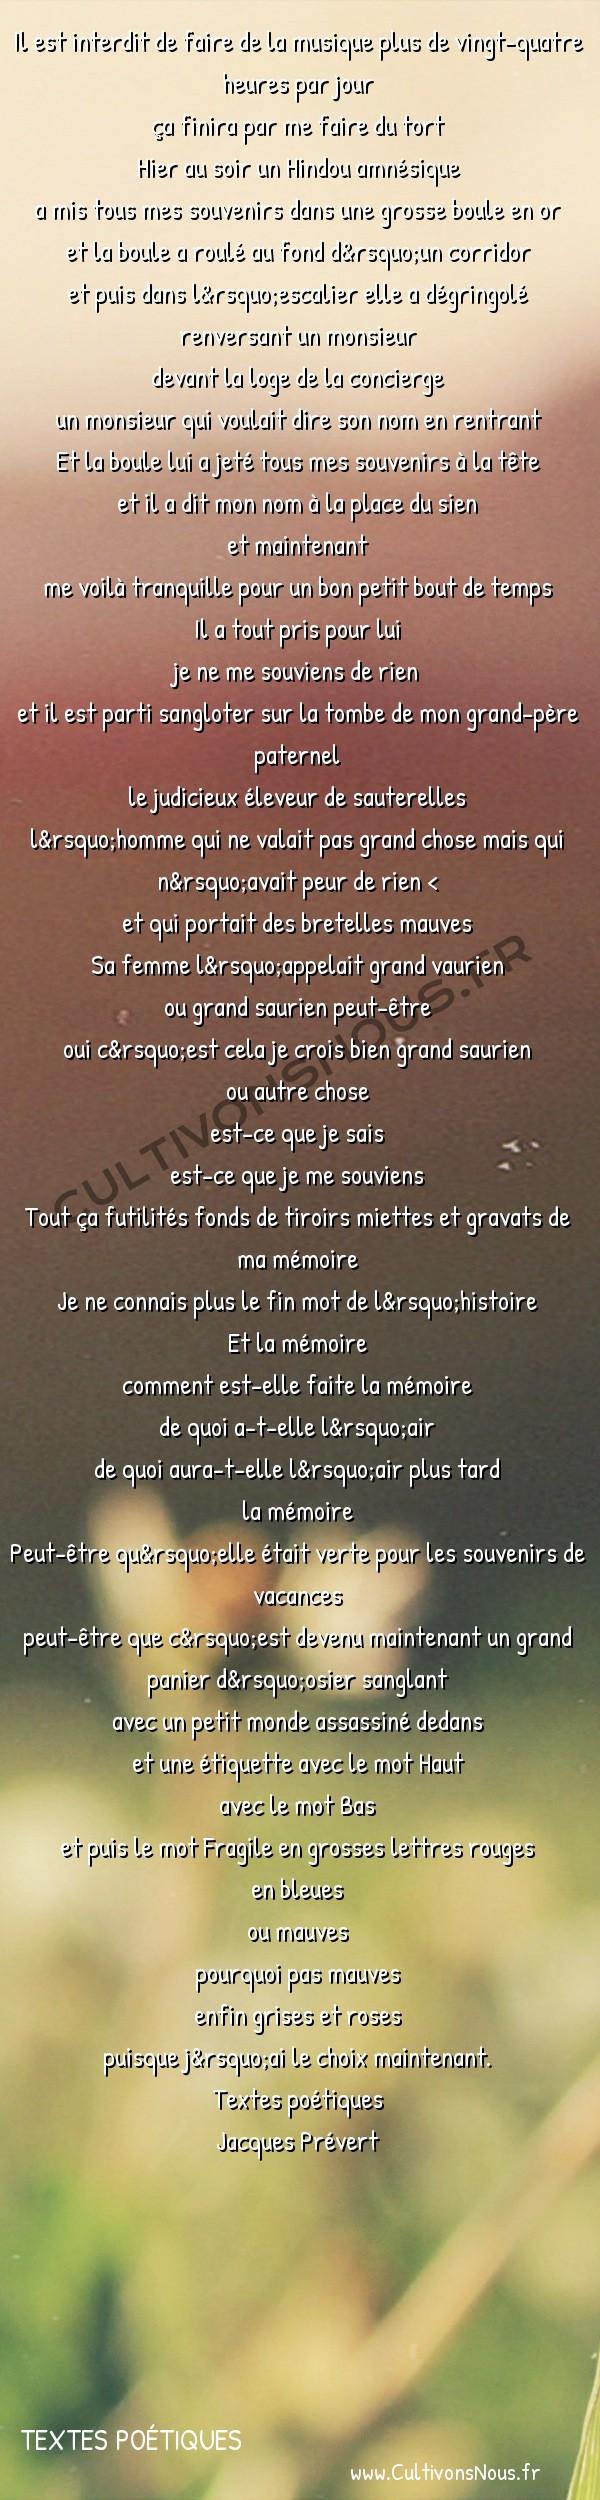 Poésie Jacques Prevert - Textes poétiques - In memoriam -  Il est interdit de faire de la musique plus de vingt-quatre heures par jour ça finira par me faire du tort